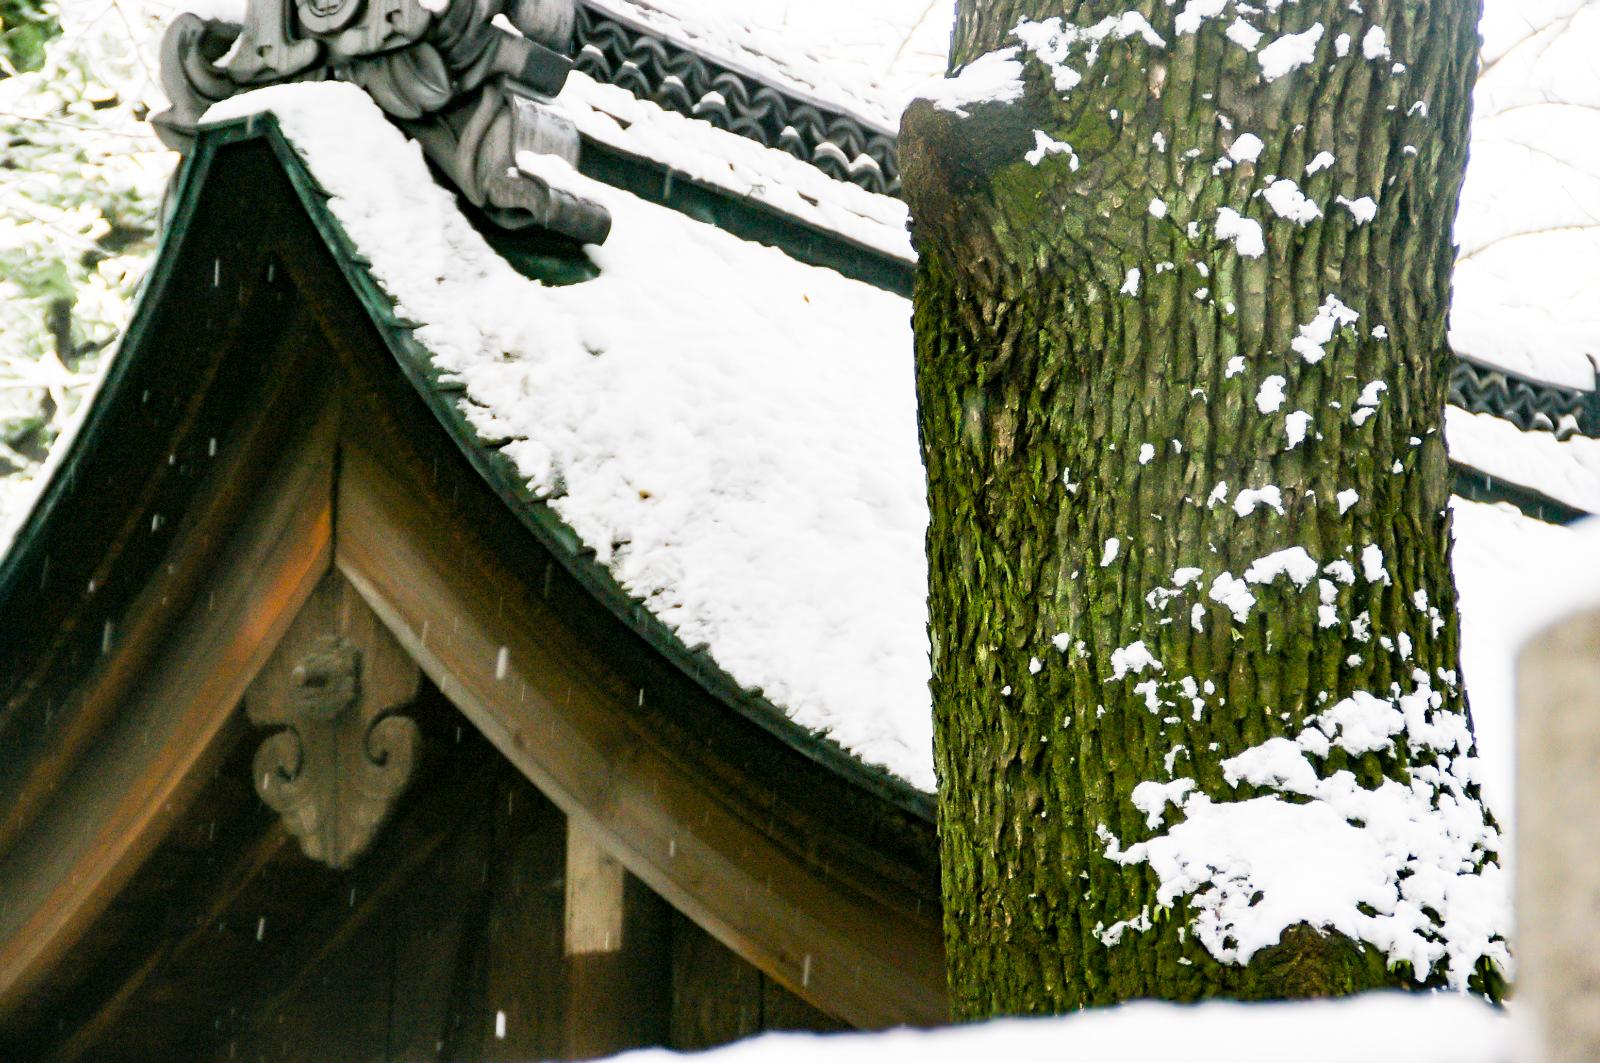 木の幹と屋根に降る雪